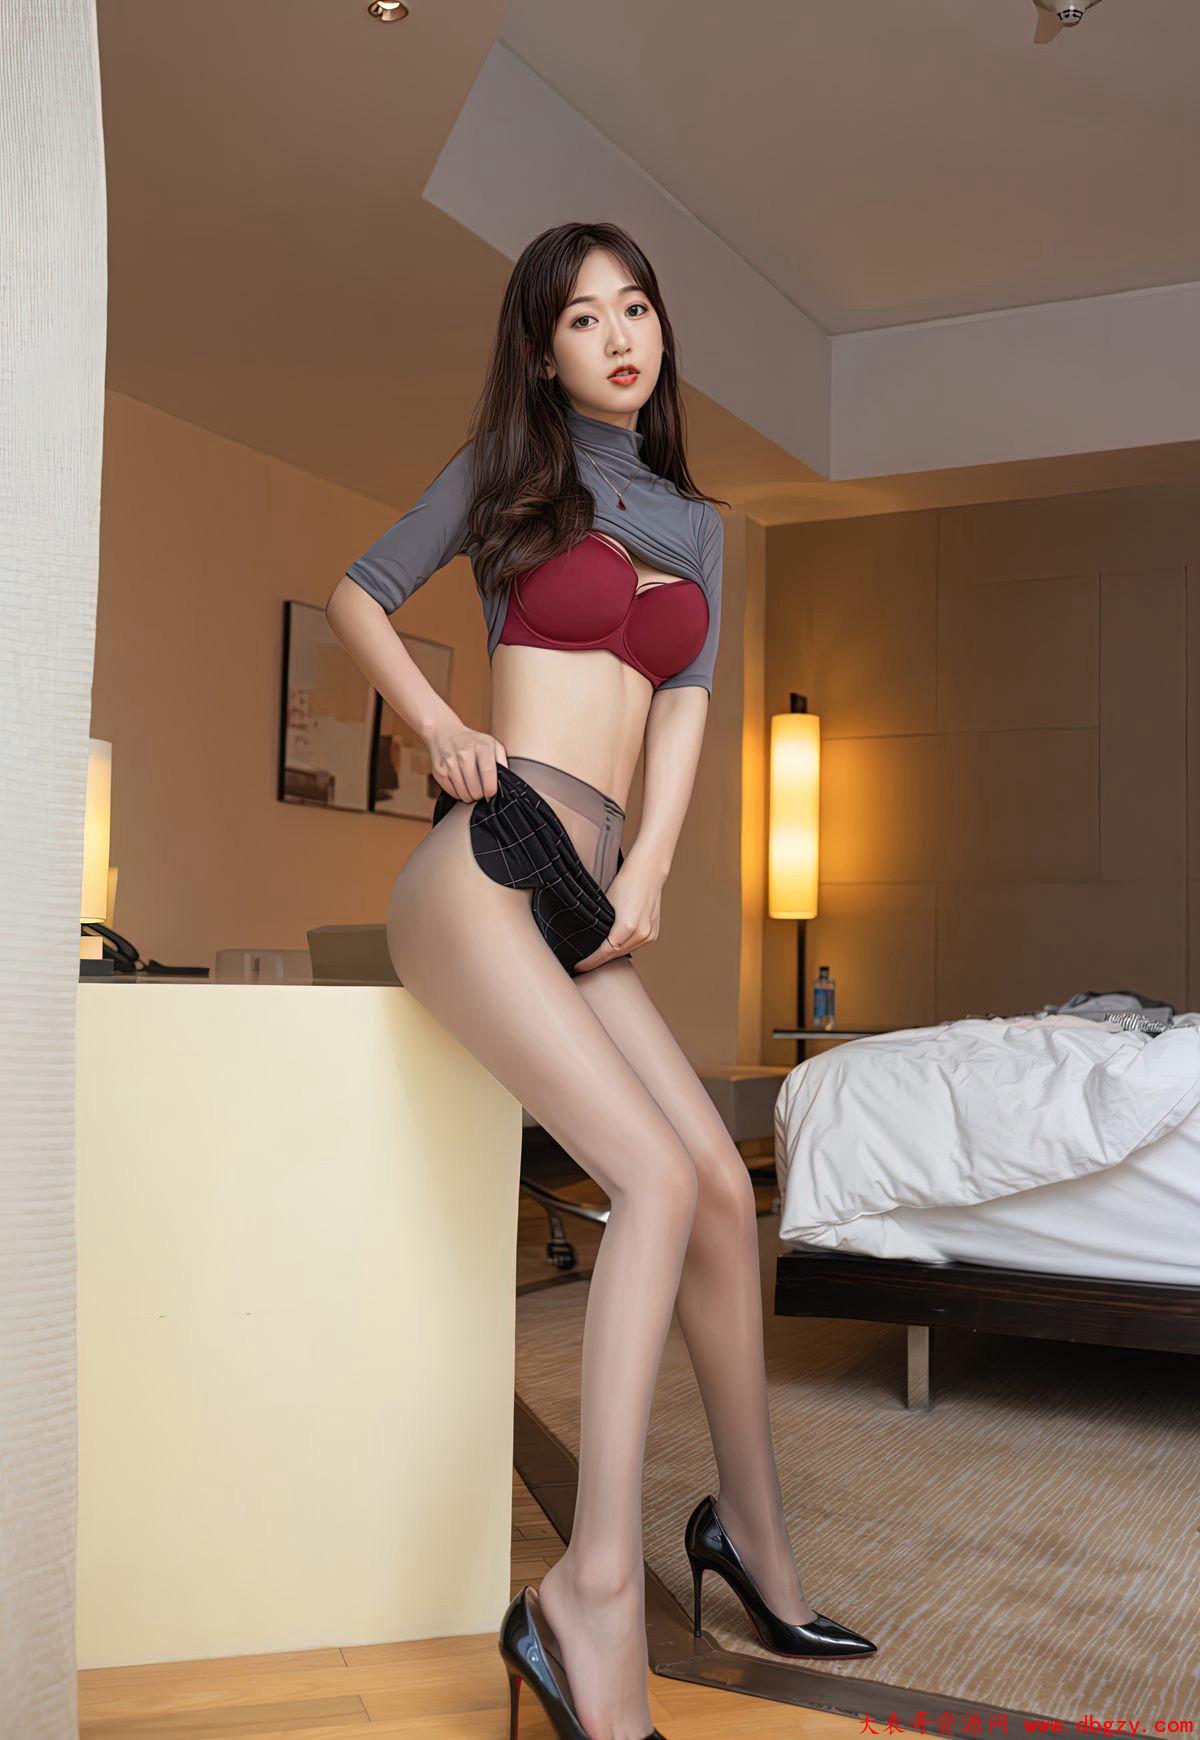 办公室性感女郎黑丝 极品高翘臀人体写真高清图